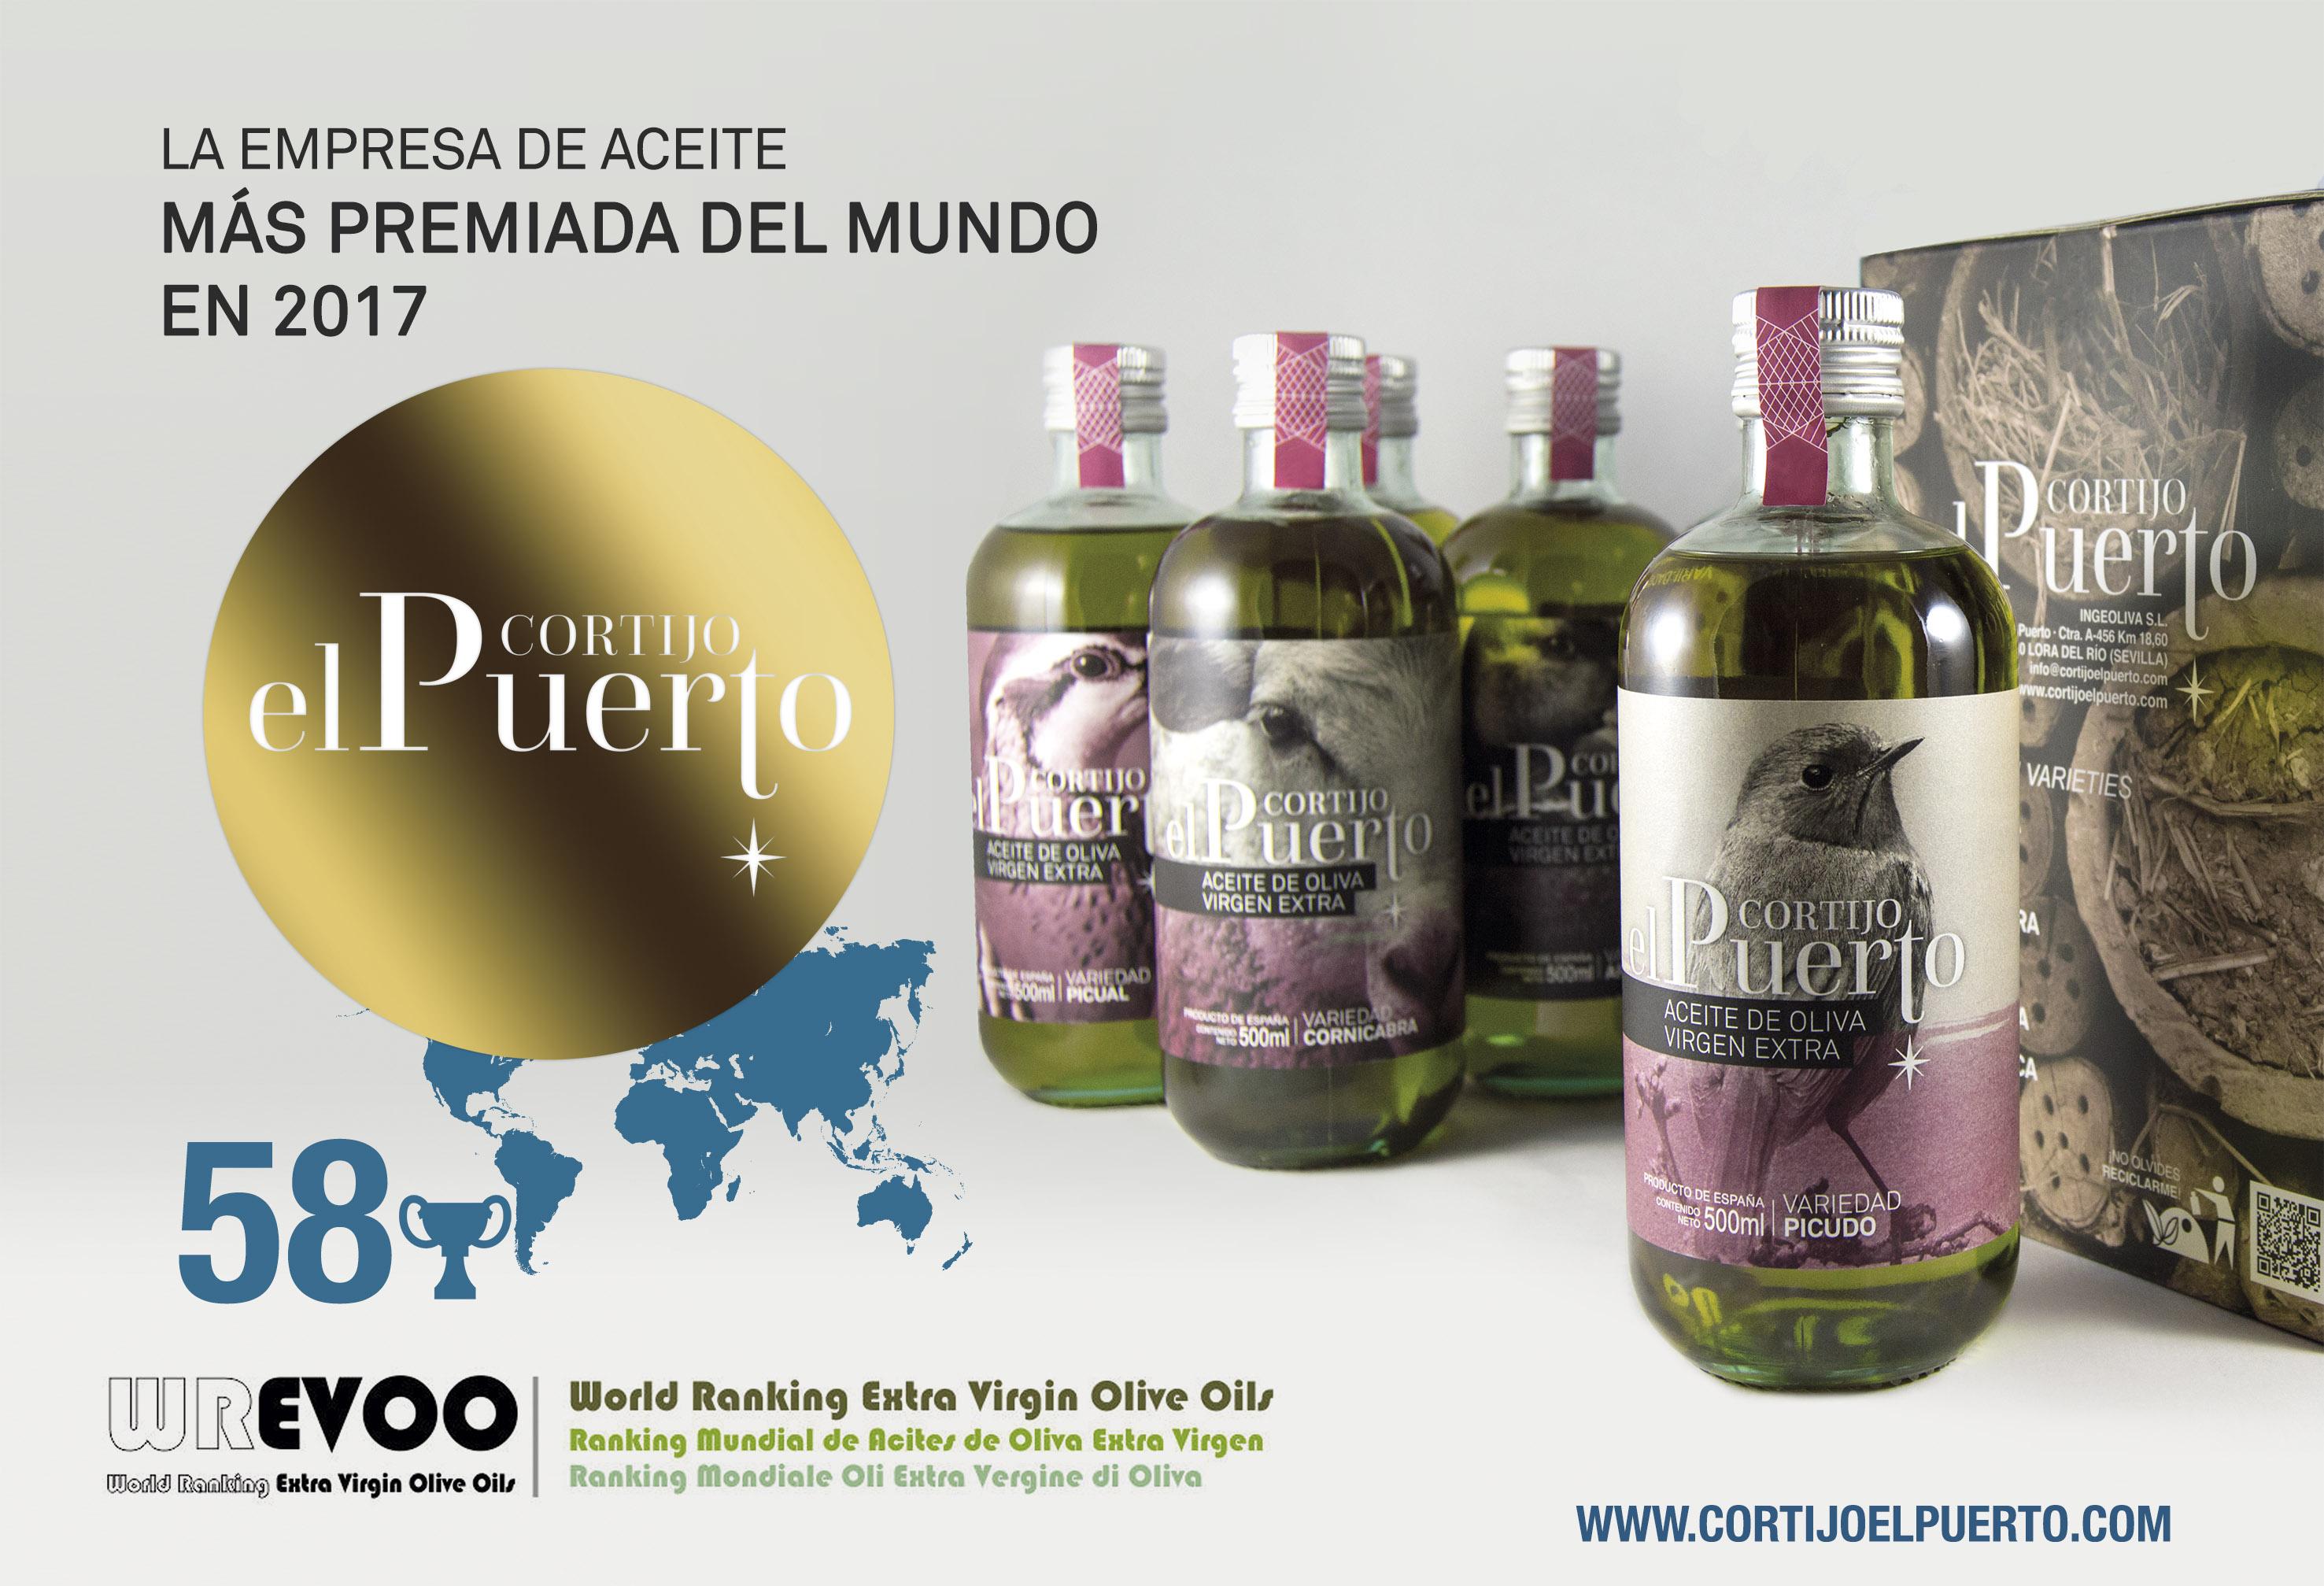 ABC: La empresa de aceites más premiada del mundo es sevillana